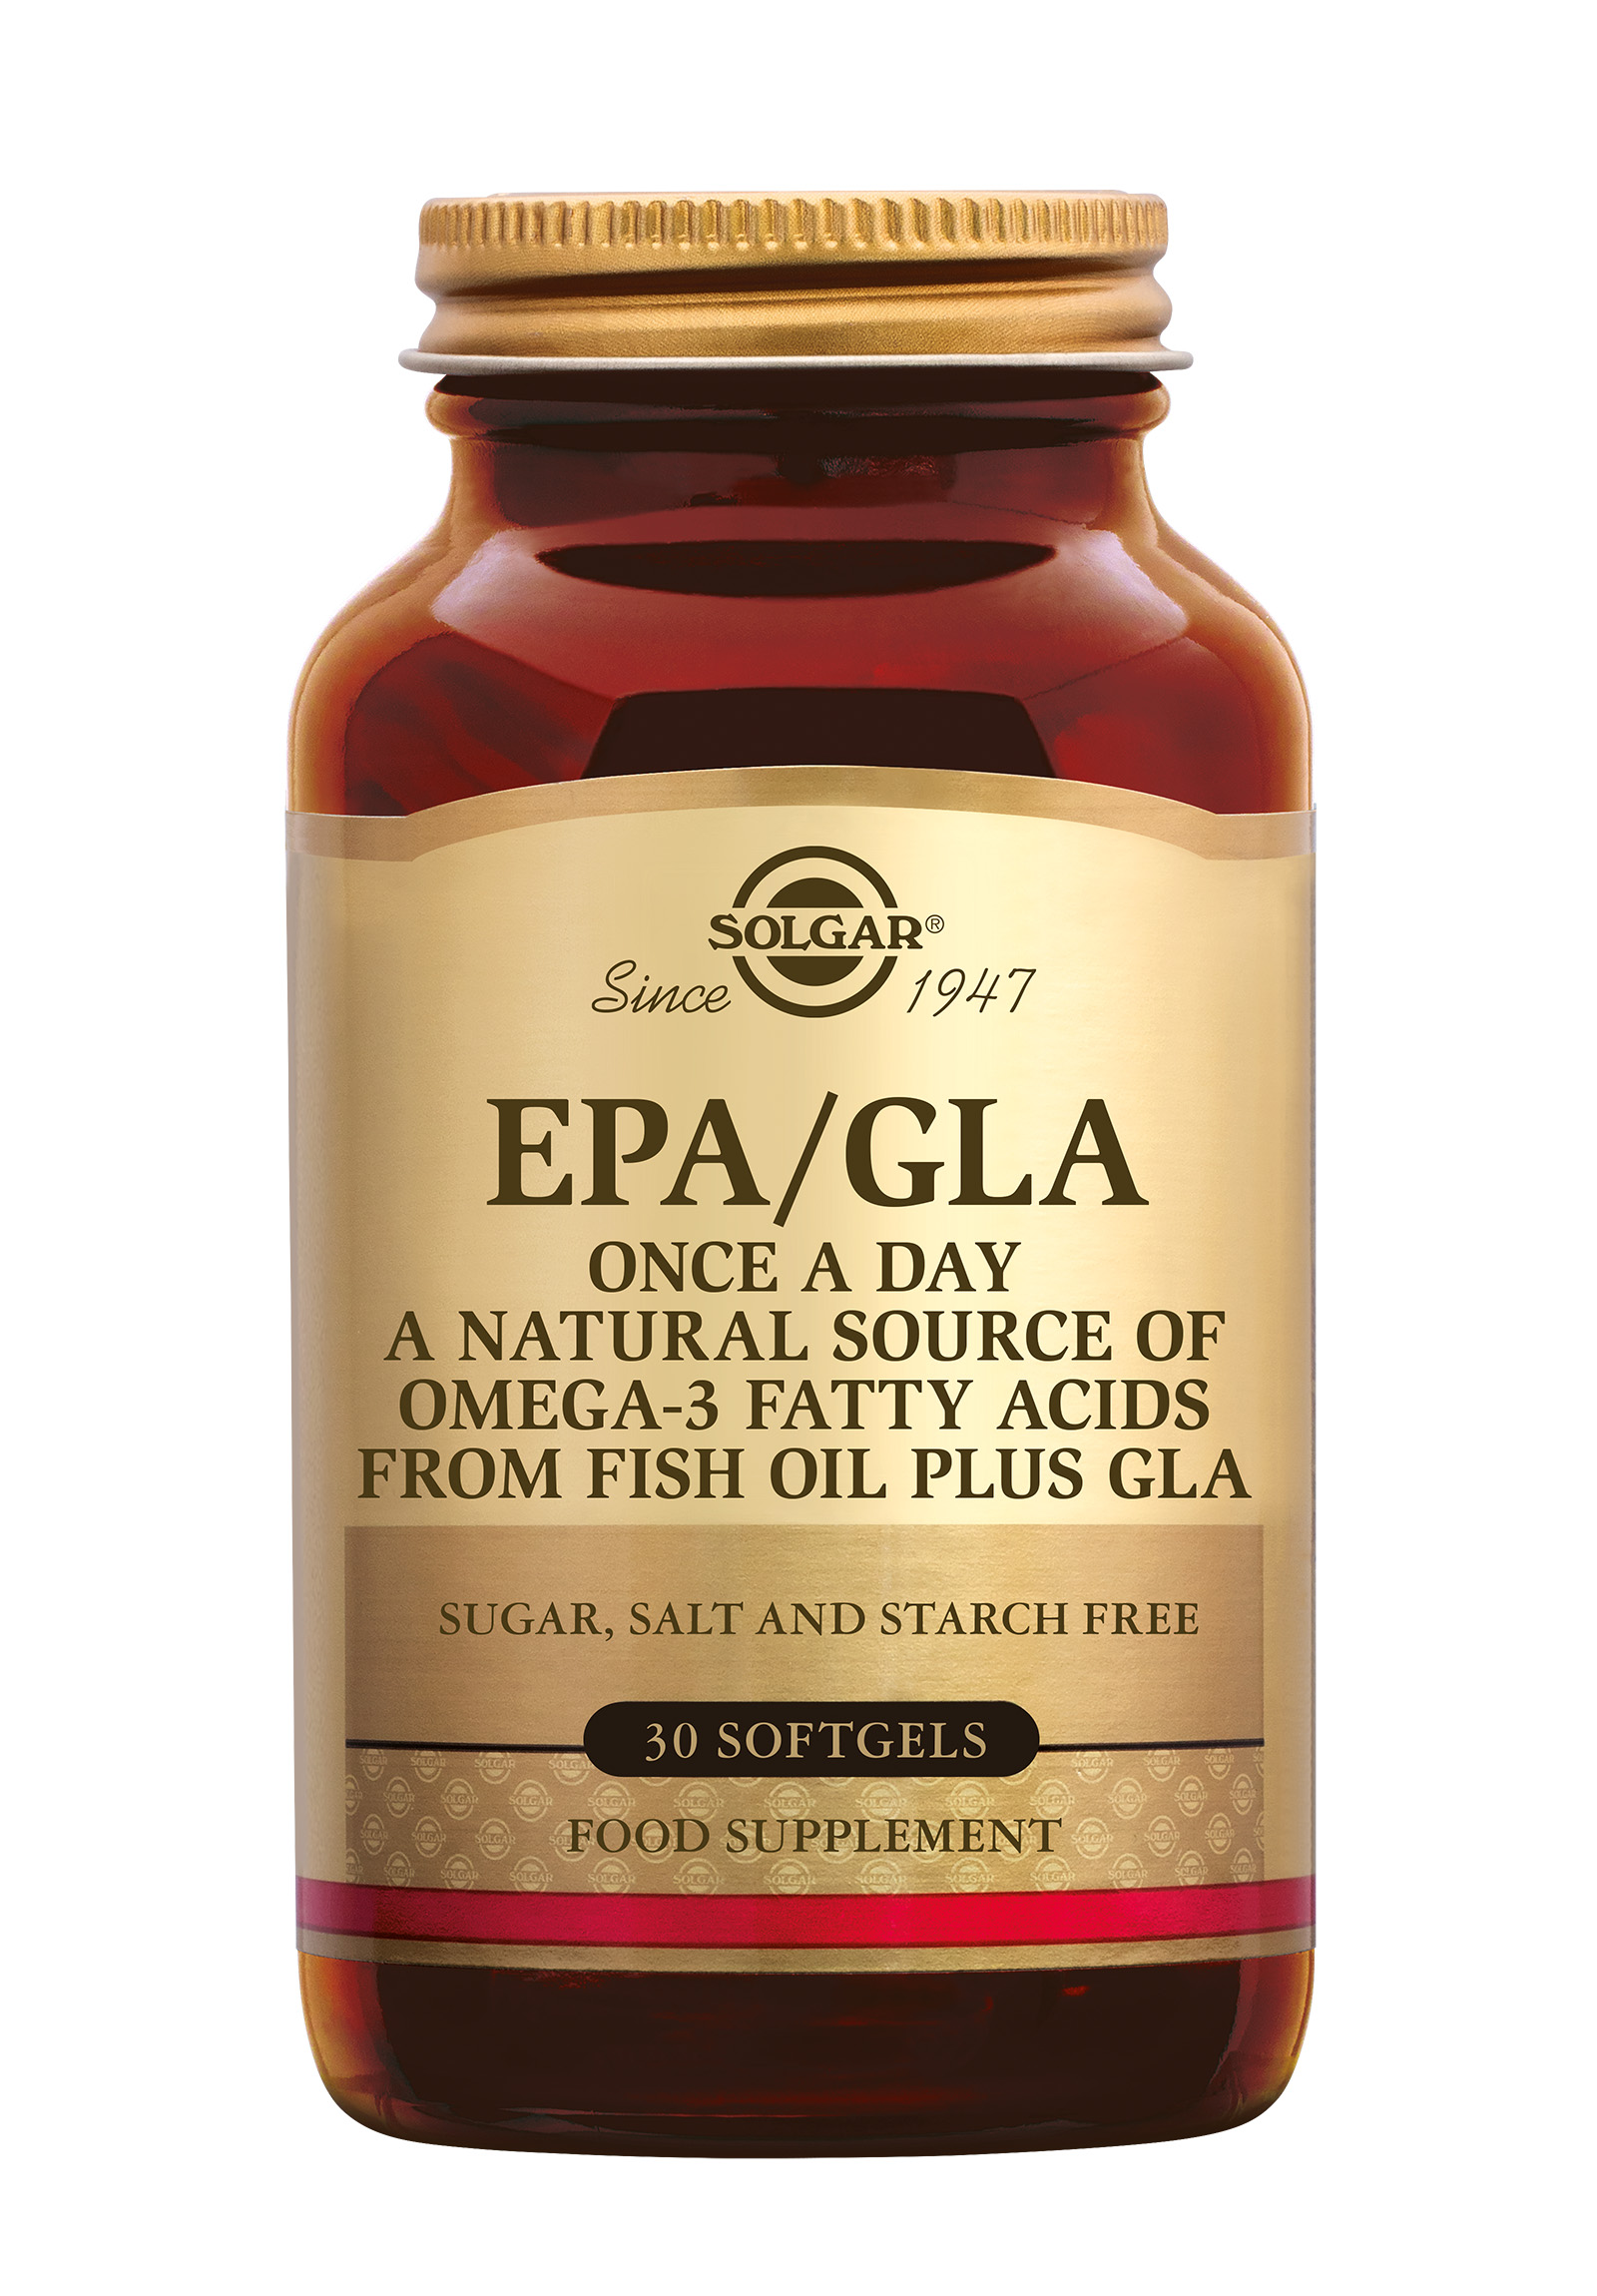 One-a-Day EPA/GLA, Solgar, Solgar One-a-Day EPA/GLA heeft een gunstige invloed op het hart. EPA en DHA zijn belangrijke bouwstenen voor de hersenen, spelen een rol bij het functioneren van hersenen en zijn goed voor het gezichtsvermogen. Dit beoogde effect kan bereikt worden bij ee